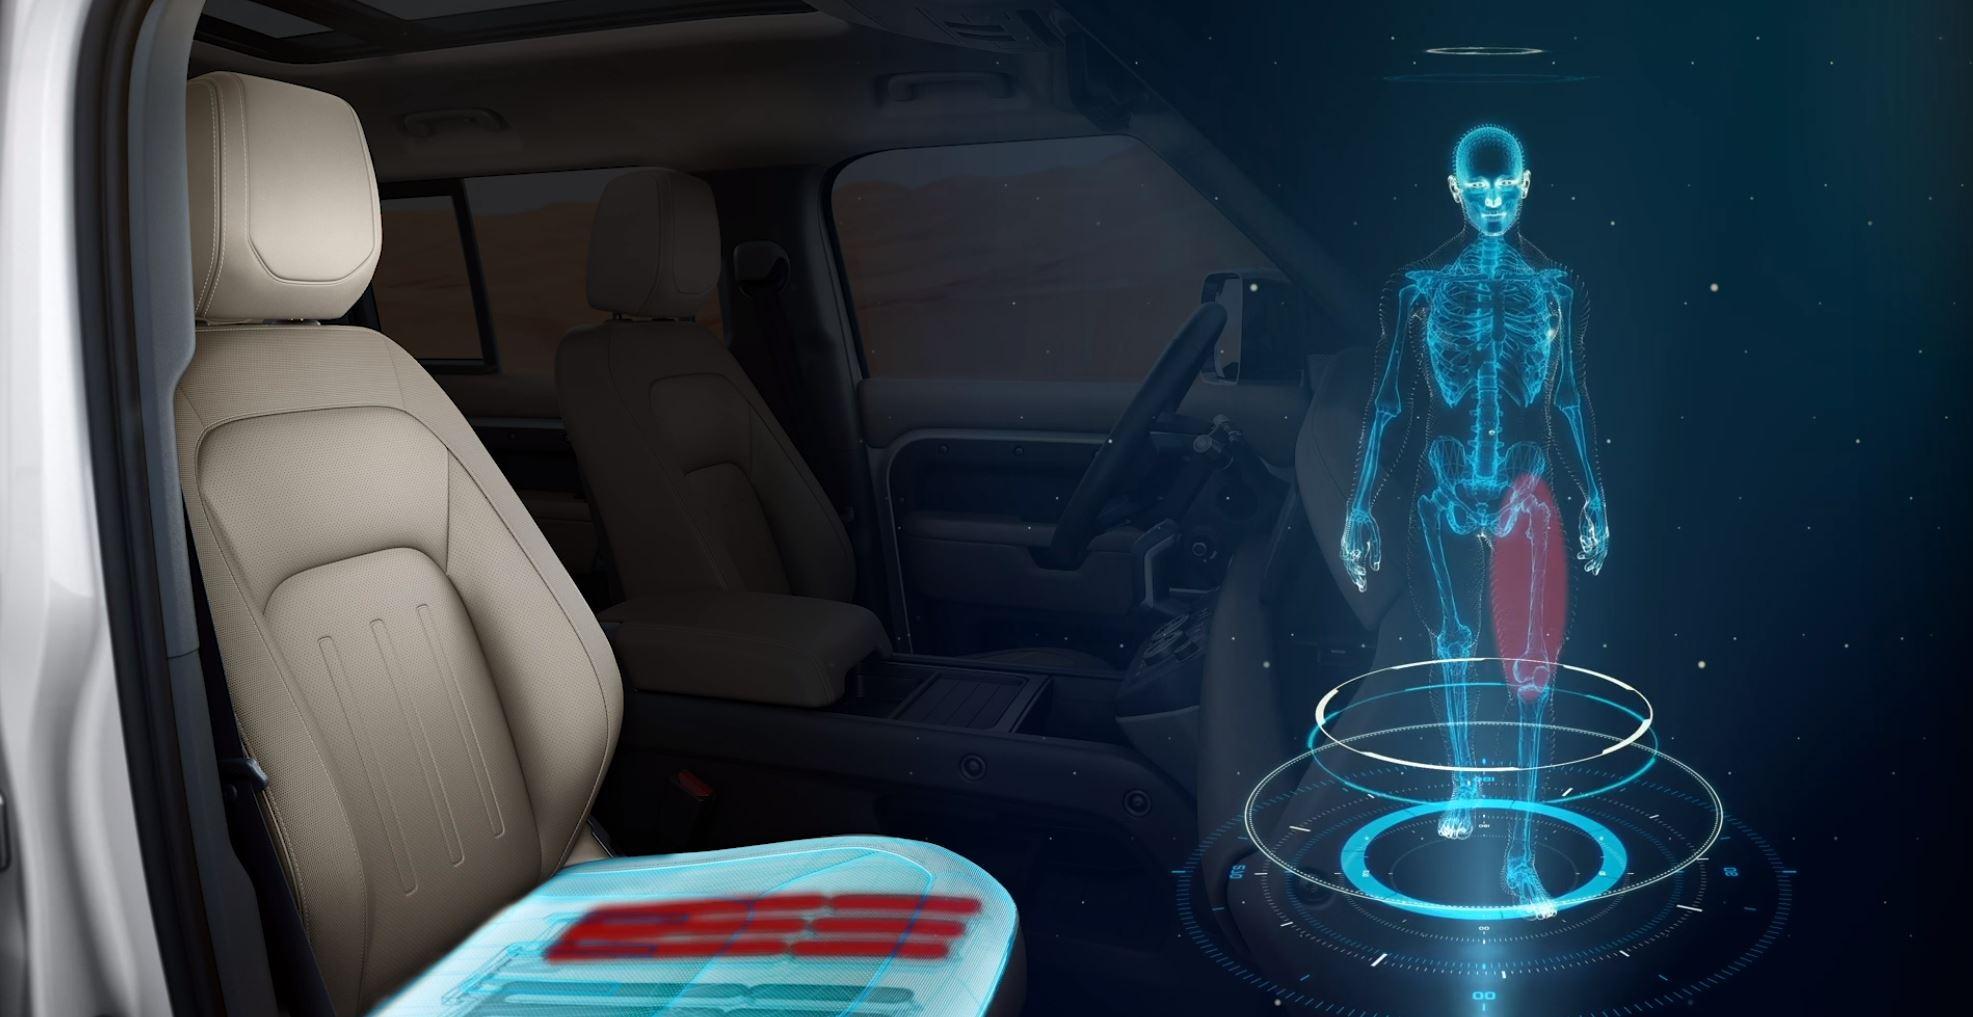 Ce siège de voiture fait croire à votre cerveau que vous marchez